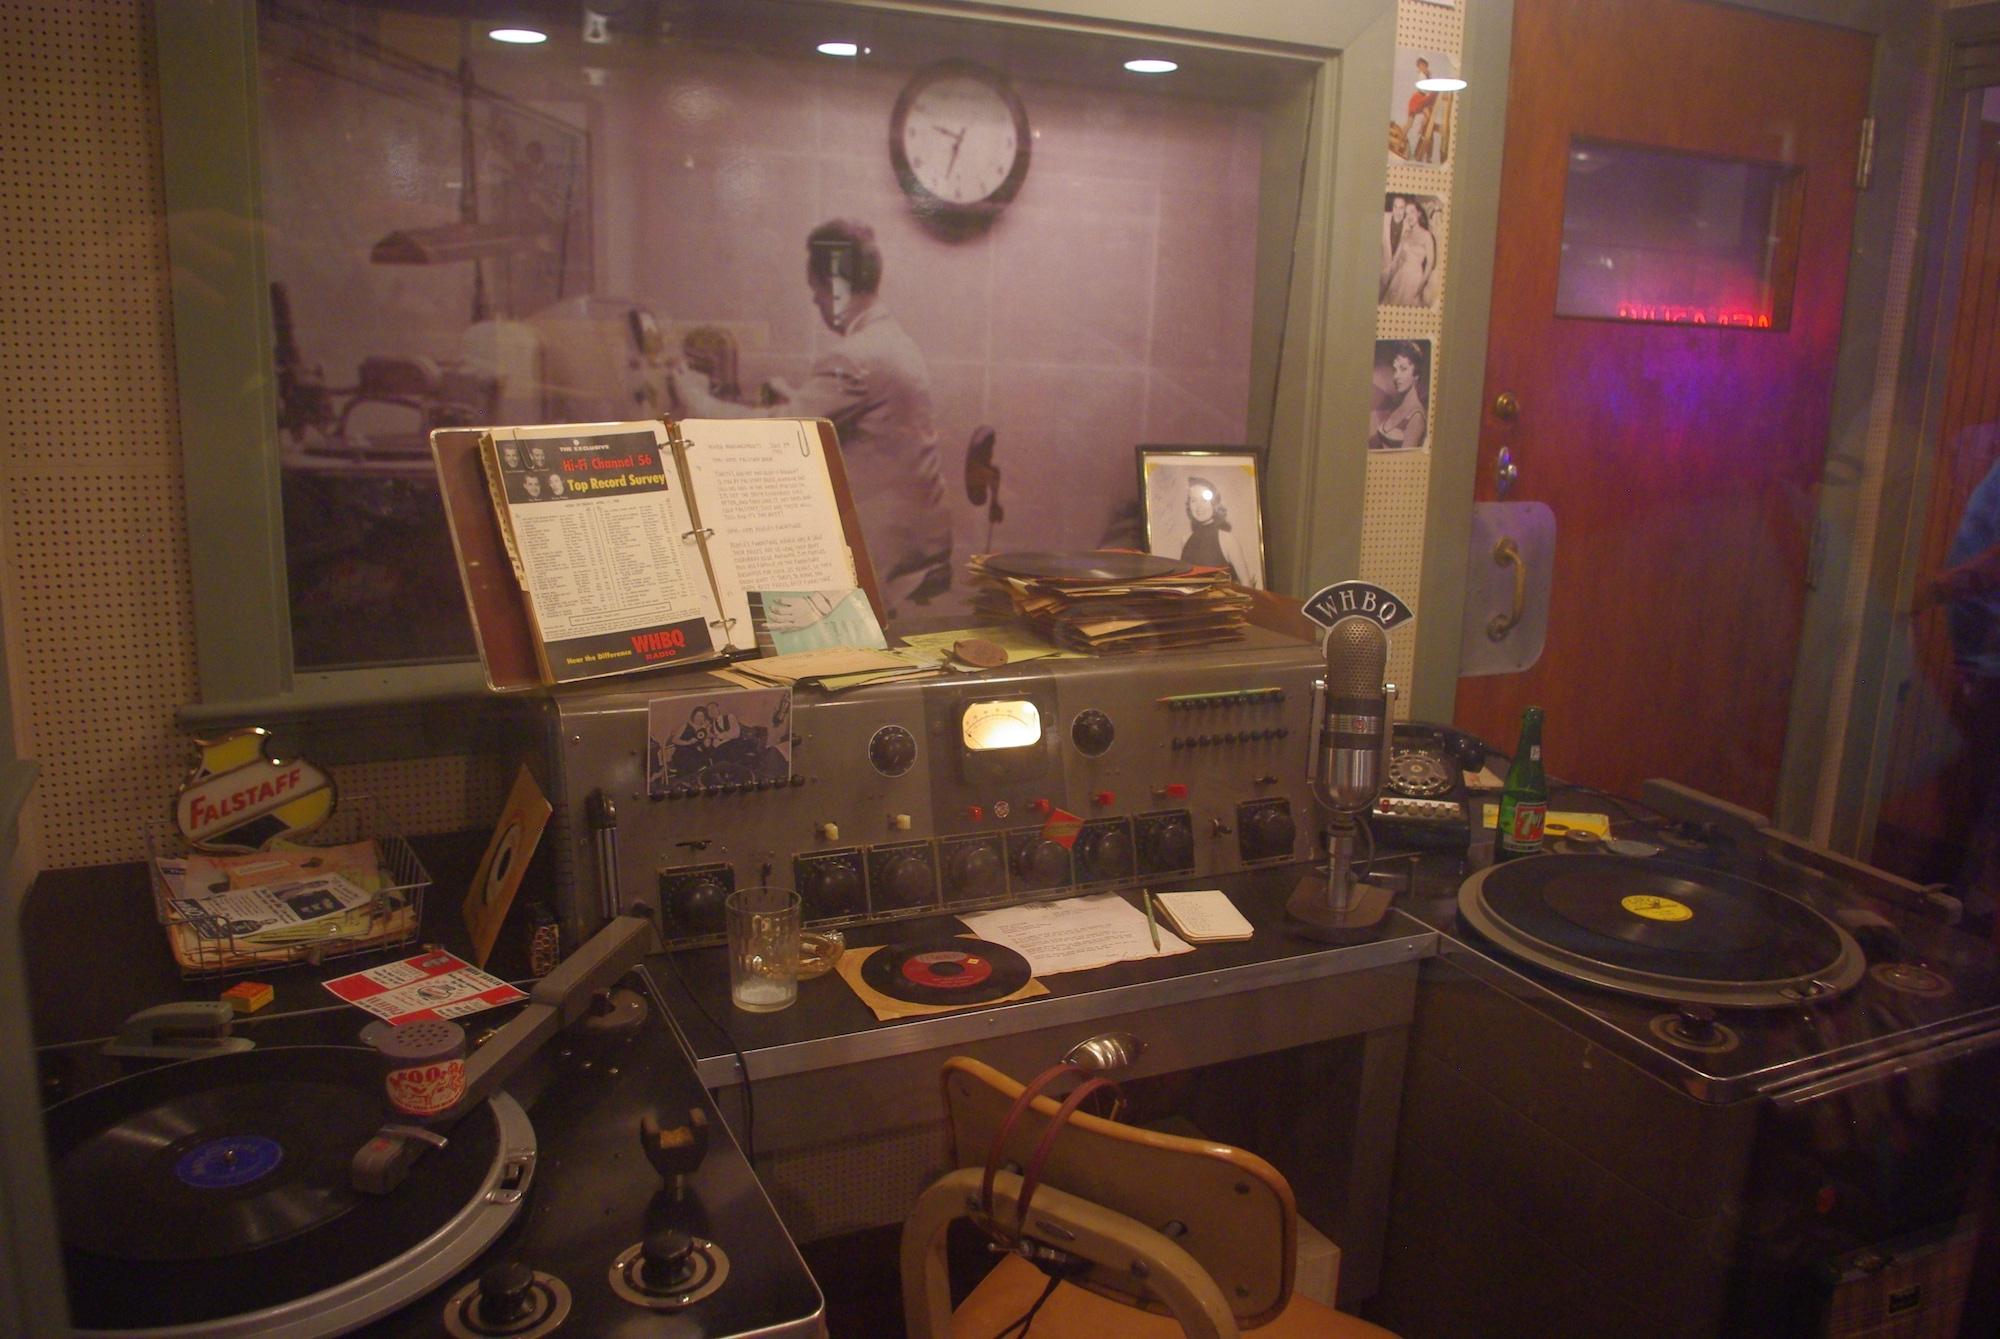 """Après avoir enregistré le morceau d'Elvis """"That's alright mama"""", le disque a été envoyé à la radio WHBQ où officiait Dewey Phillips (ne pas confondre avec Sam). Le disque est passé 12 fois en 2 heures suite aux appels des auditeurs"""